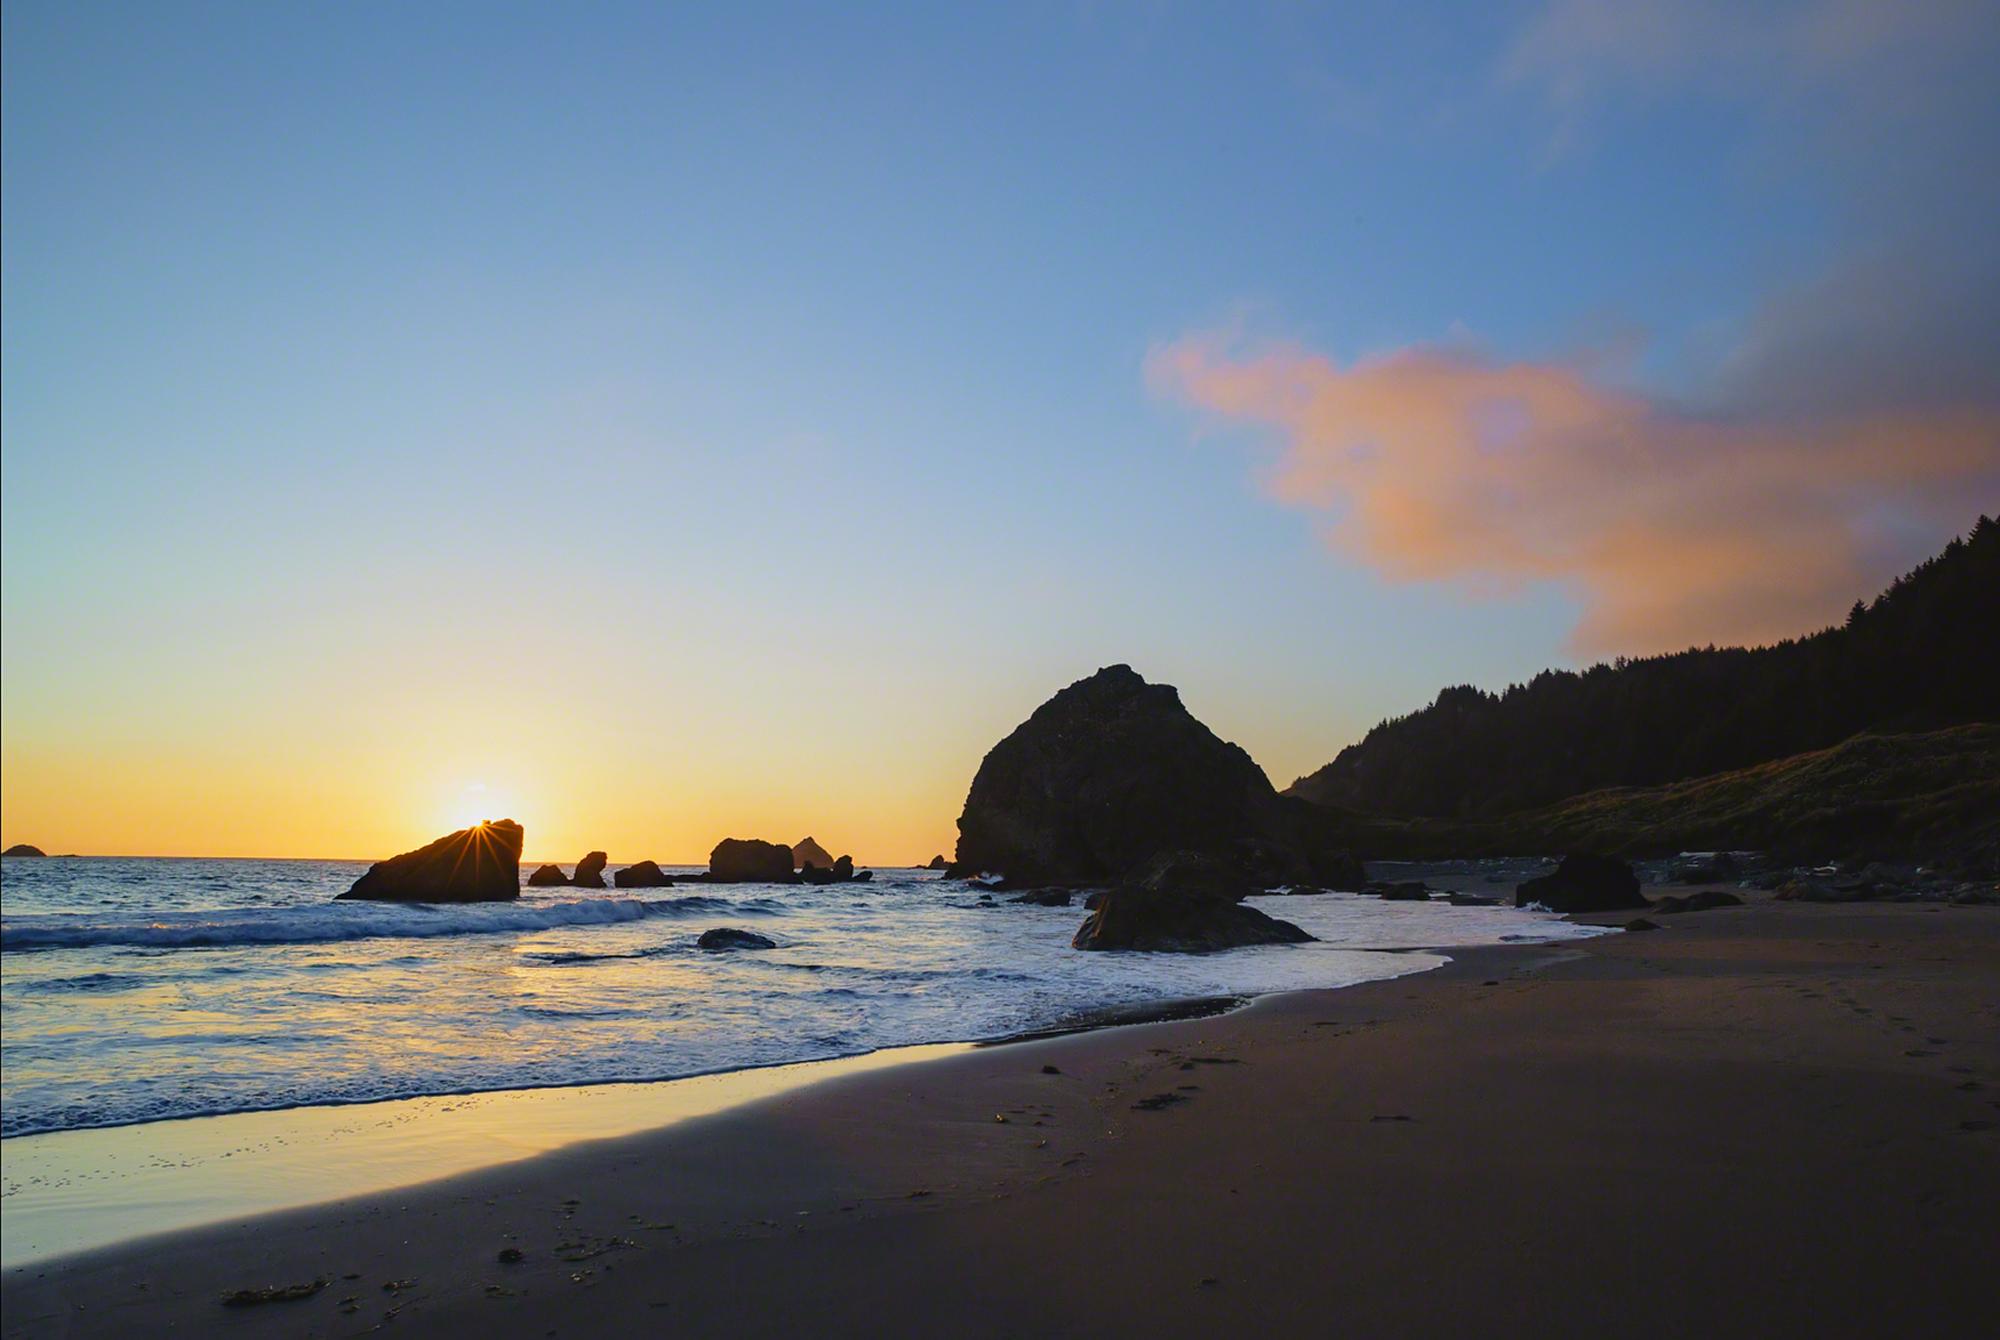 The beach at Cape Ferrelo